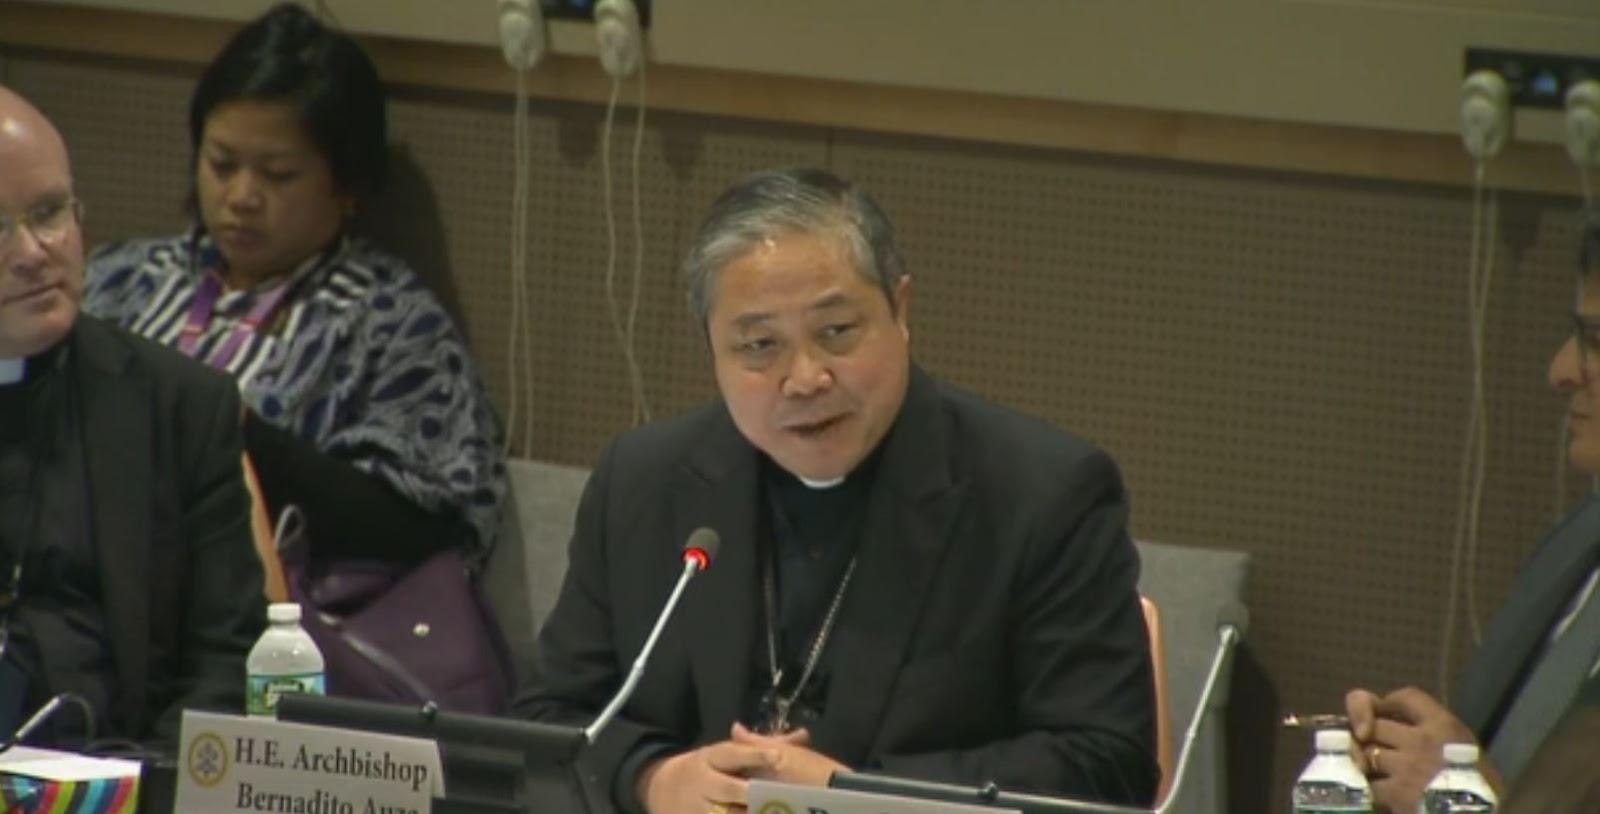 Đức Tổng Giám Auza mục nhấn mạnh đến những cách để bảo vệ chống lại nạn buôn người